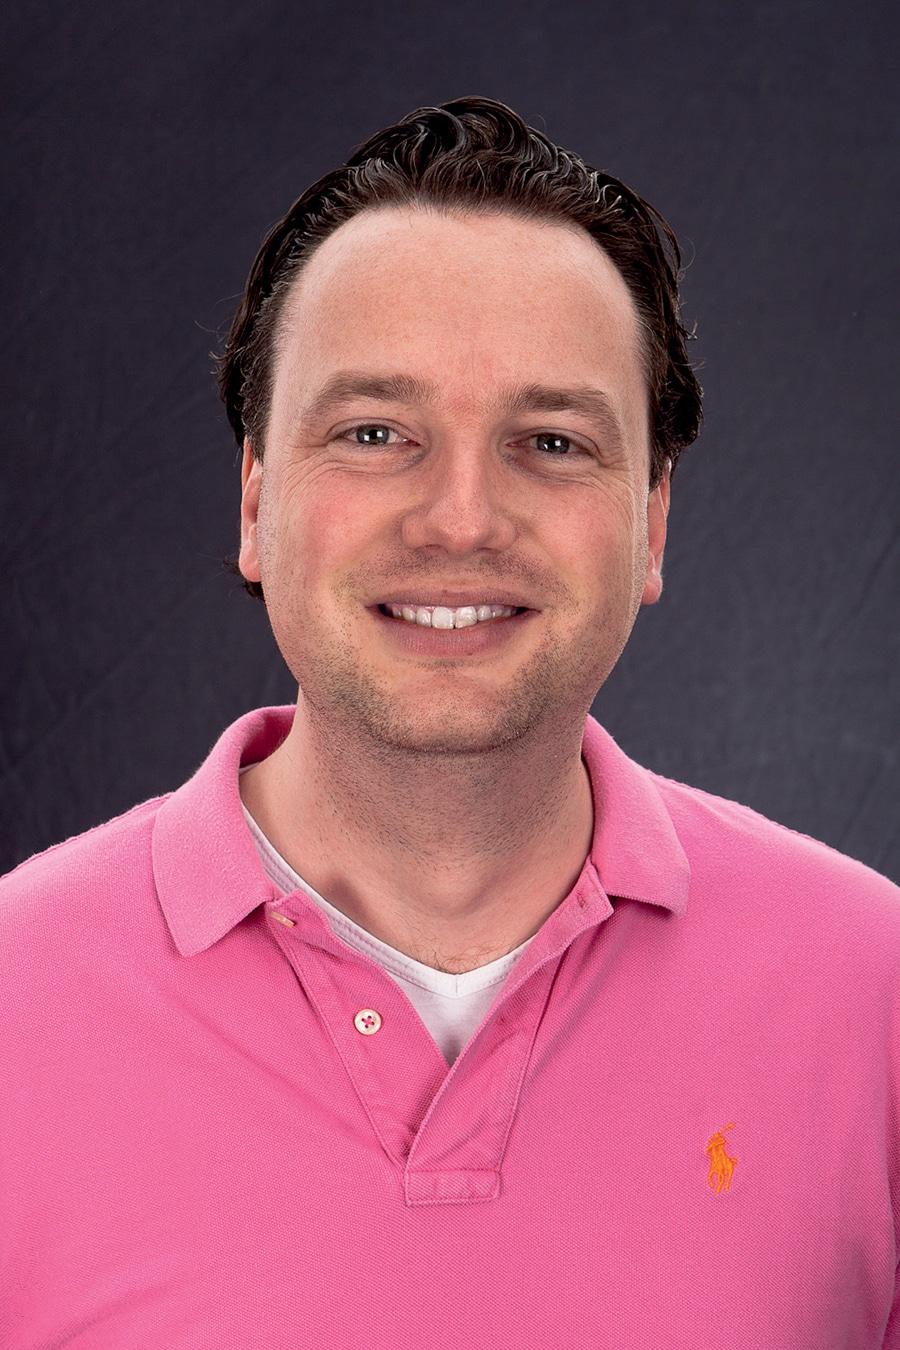 Robert-Jan Broer, Direktor von Chronolytics.ch und Uhren-Blogger